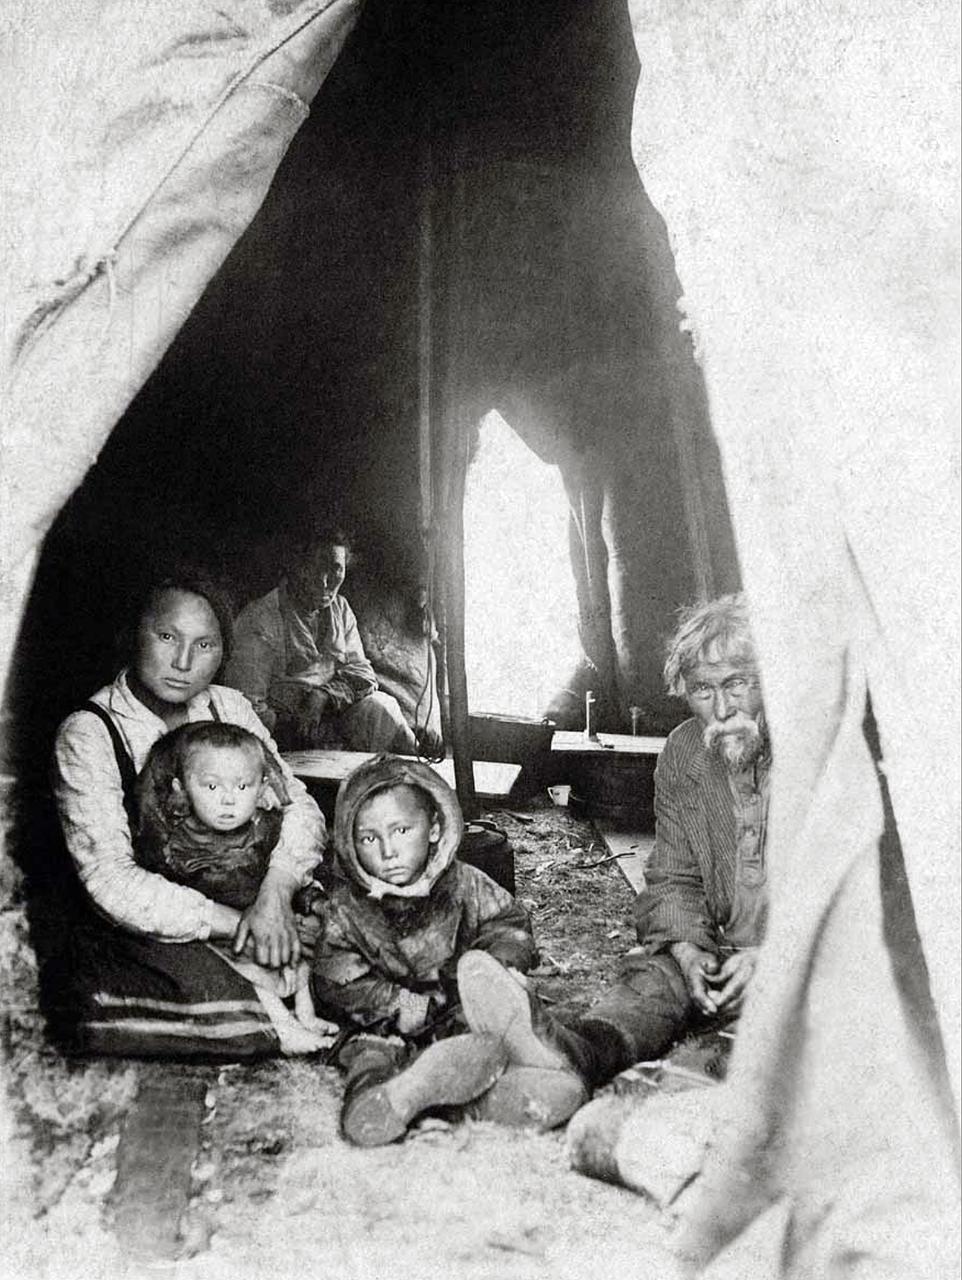 1928. Оленеводы в жаркий летний день под пологом чума. Печорский край